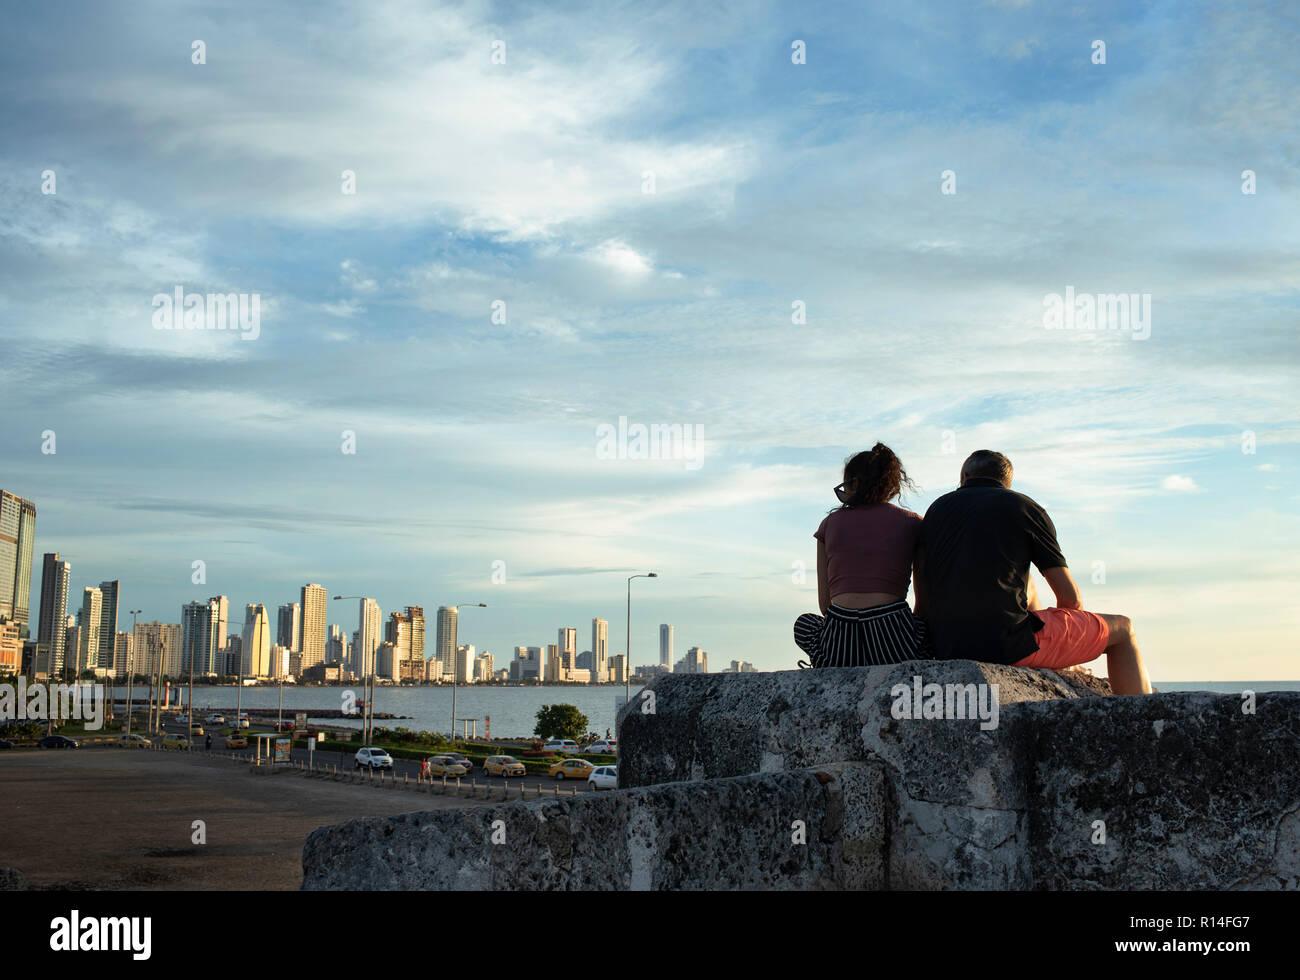 La pareja se asienta en la cima de la pared de piedra de la 'Ciudad Vieja' viendo el horizonte del nuevo barrio Bocagrande. Cartagena de Indias, Colombia. Oct 2018 Foto de stock